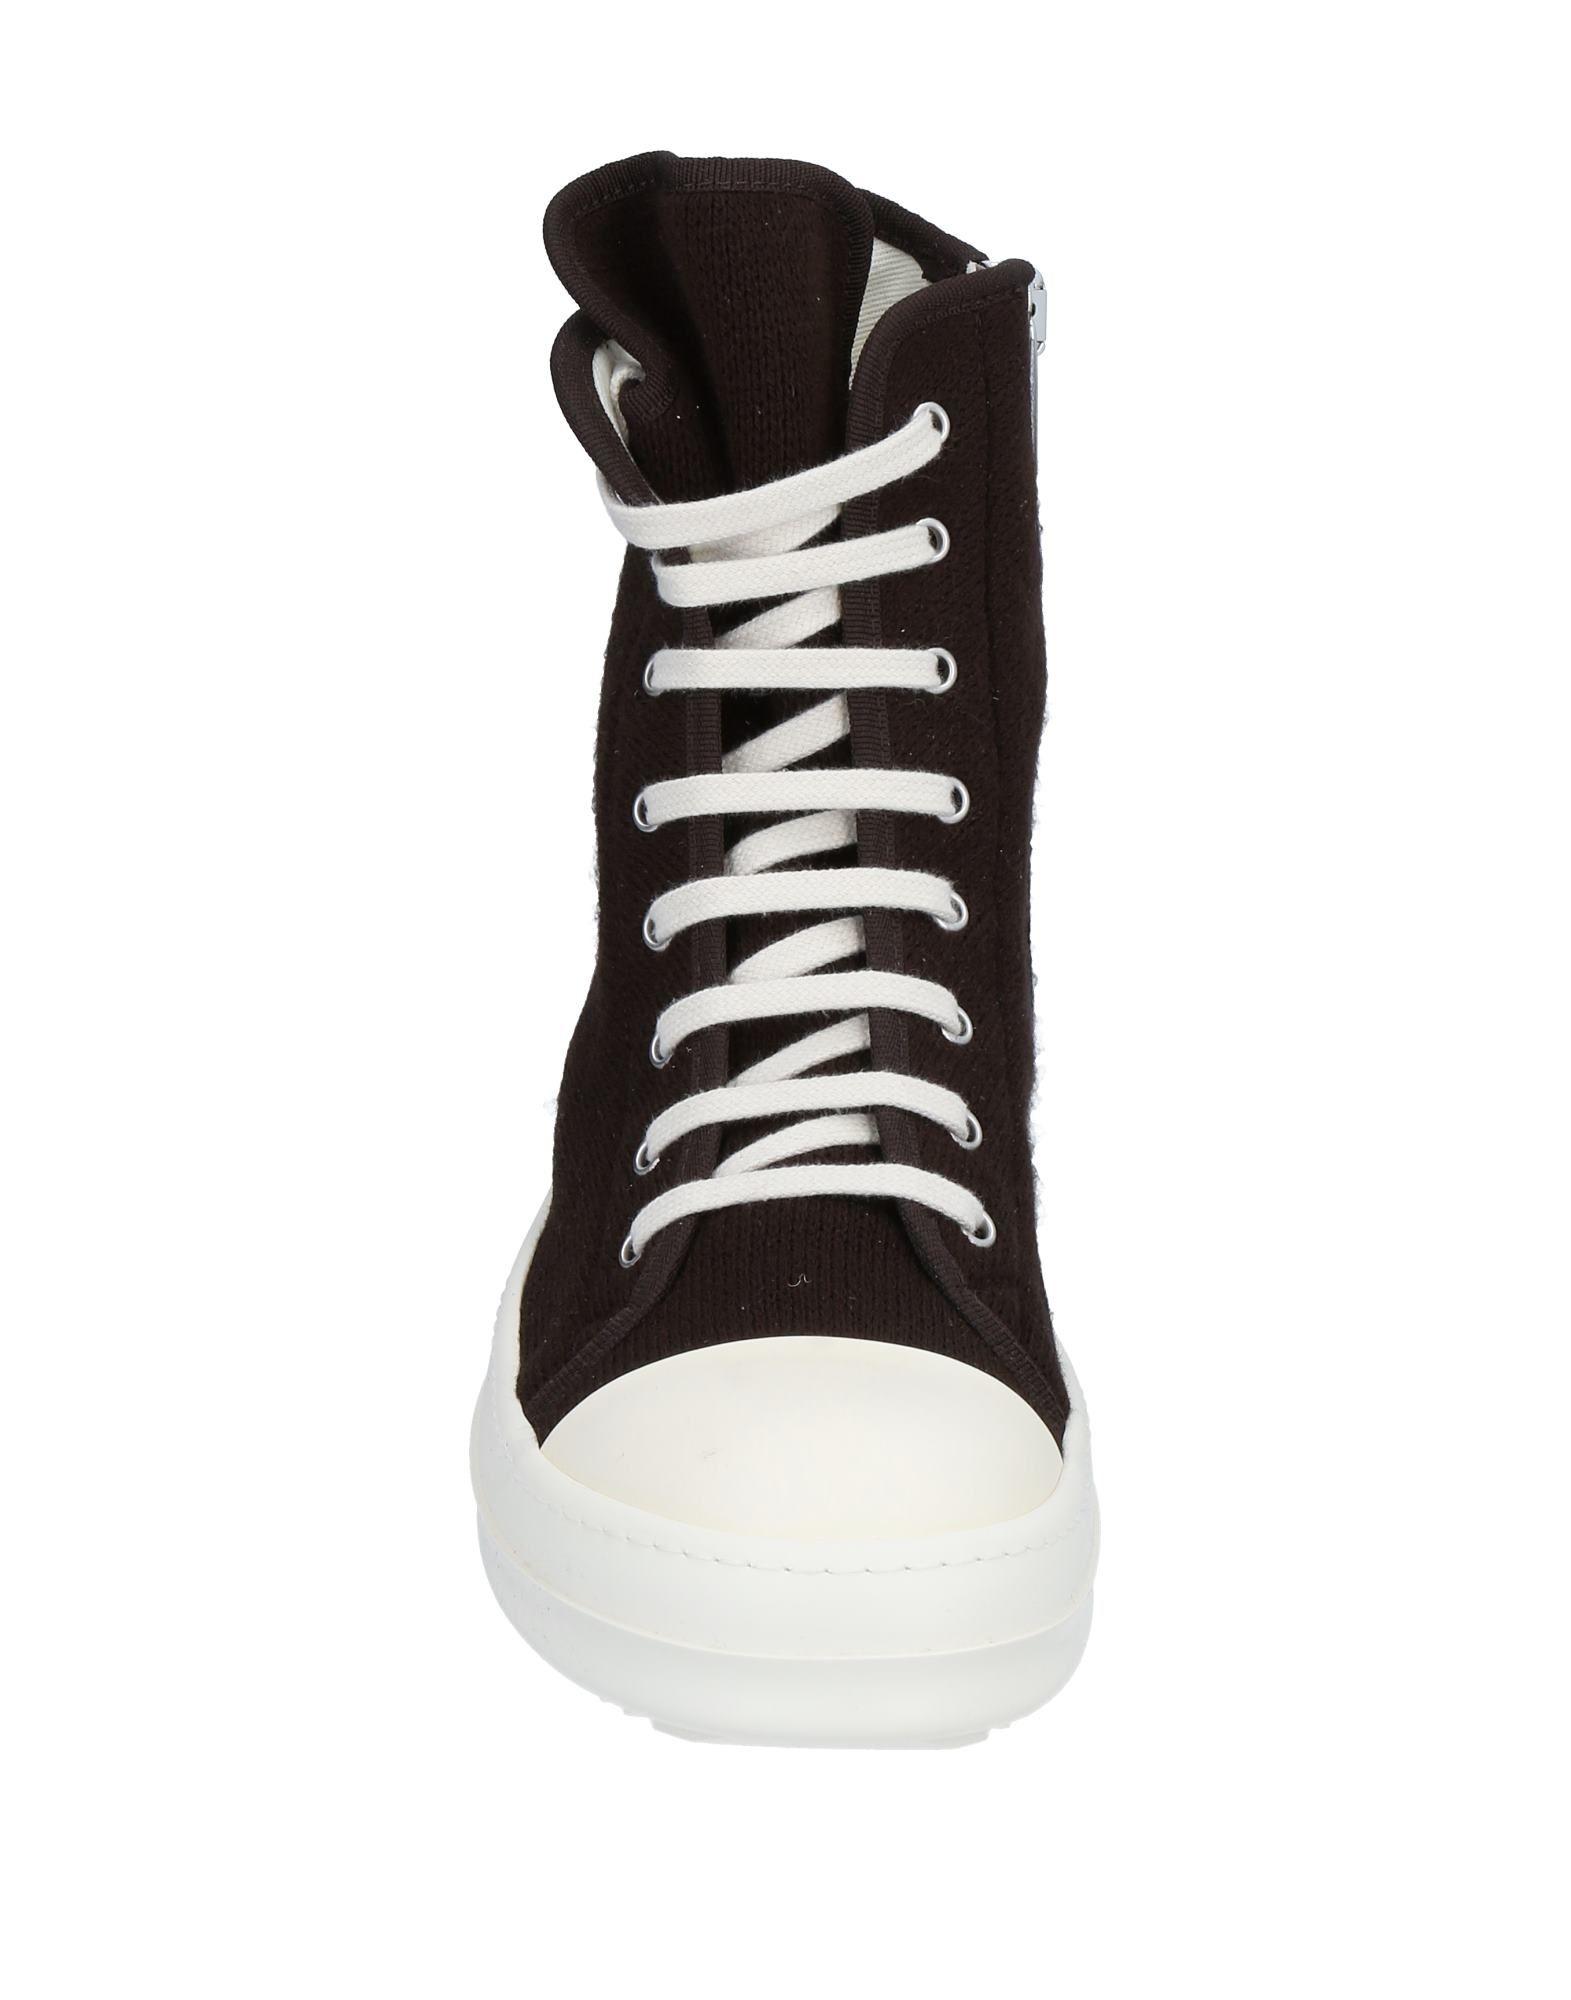 Drkshdw By Rick 11462580IE Owens Sneakers Herren  11462580IE Rick Gute Qualität beliebte Schuhe 32ee30